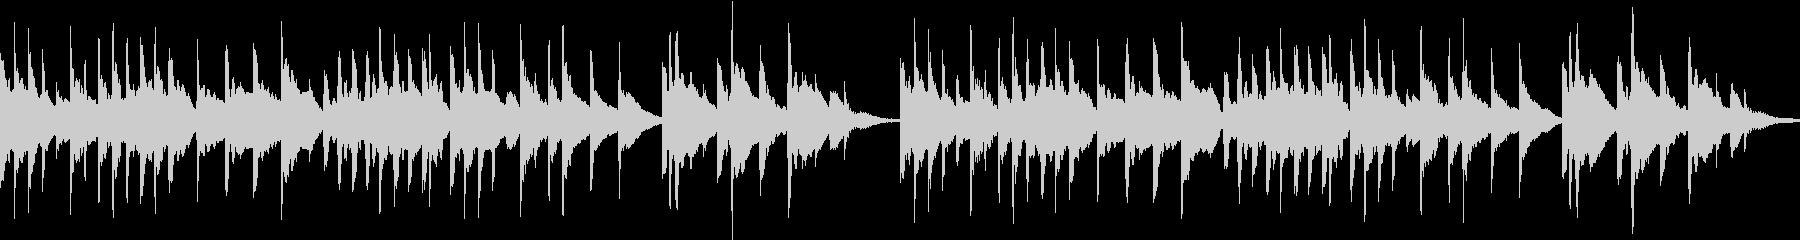 切ないメロディーのオルゴール風ループ作品の未再生の波形